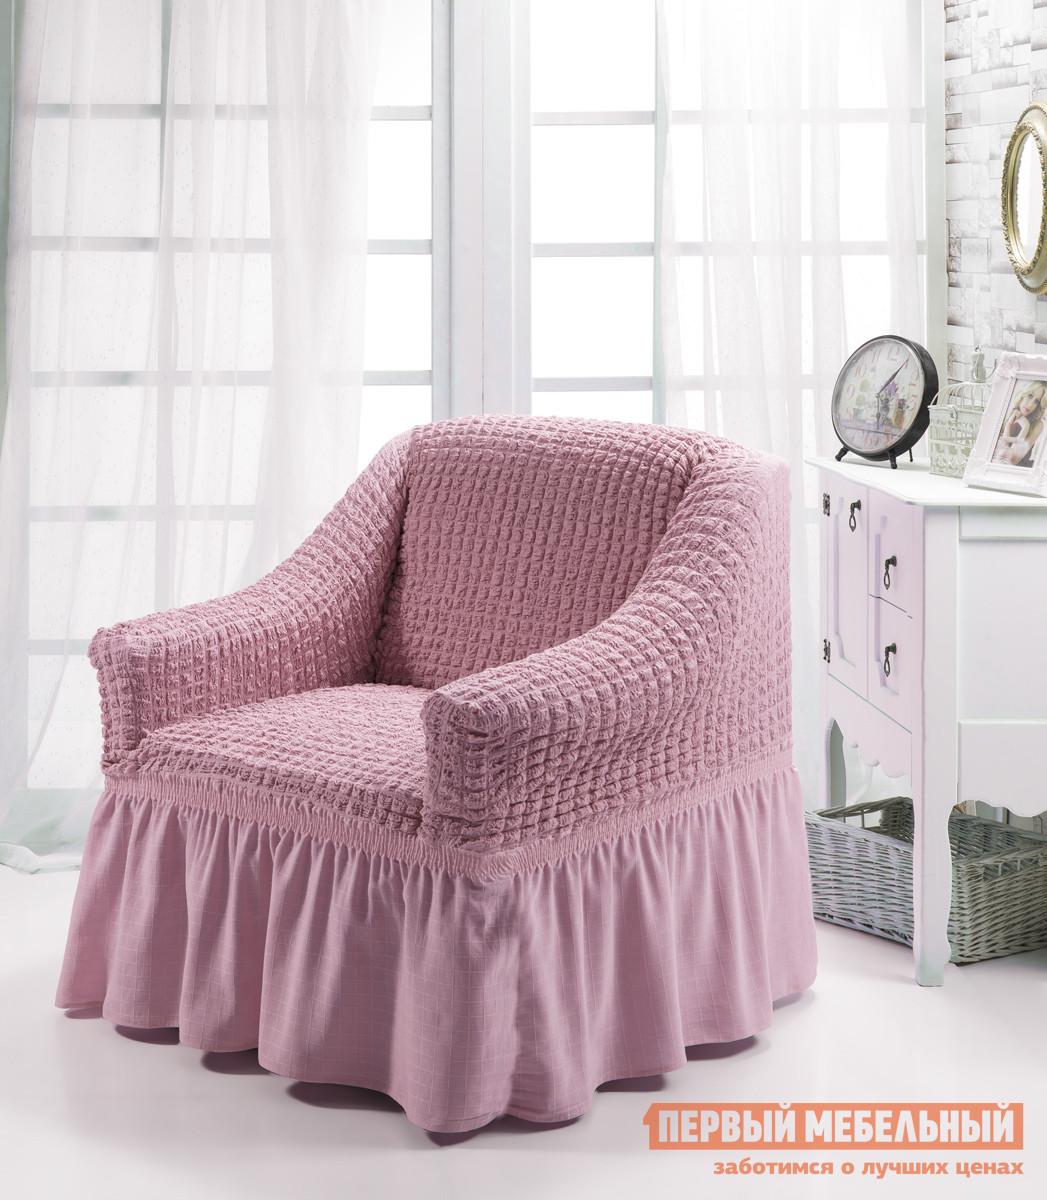 Чехол для кресла Первый Мебельный Чехол для кресла Стамбул чехол для кресла первый мебельный чехол для кресла стамбул без юбки